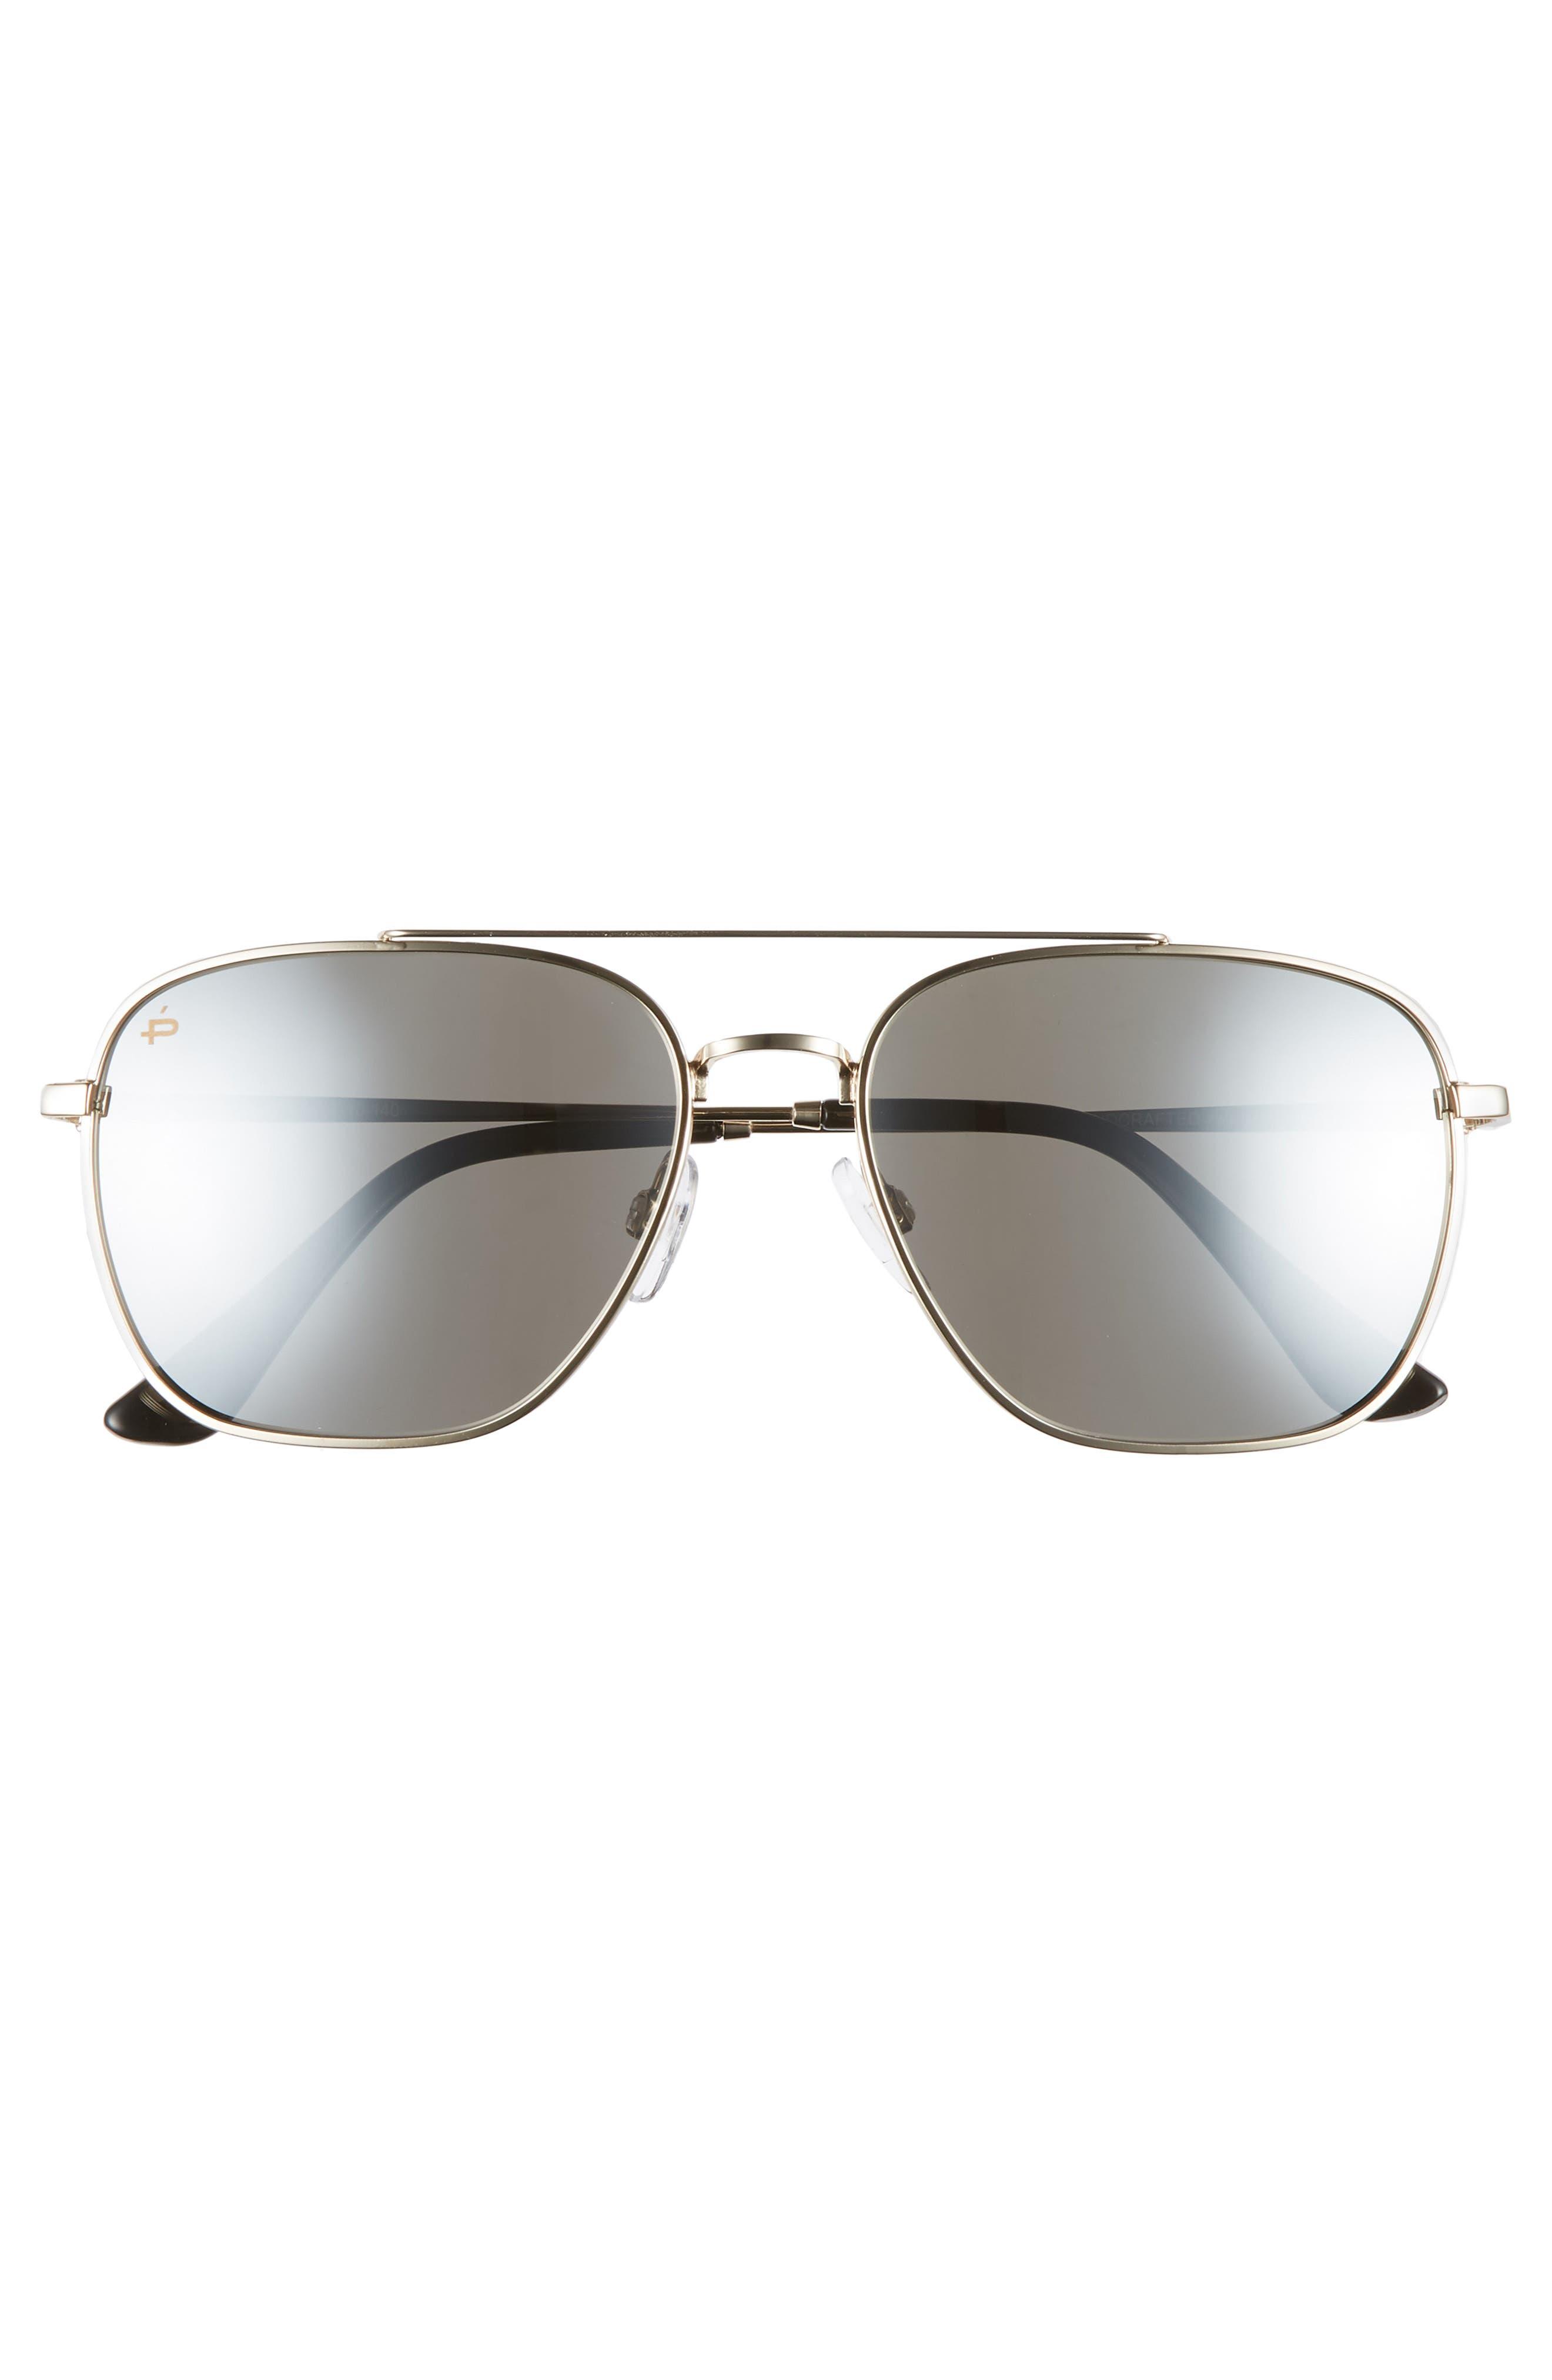 Privé Revaux The Floridian Polarized 57mm Sunglasses,                             Alternate thumbnail 3, color,